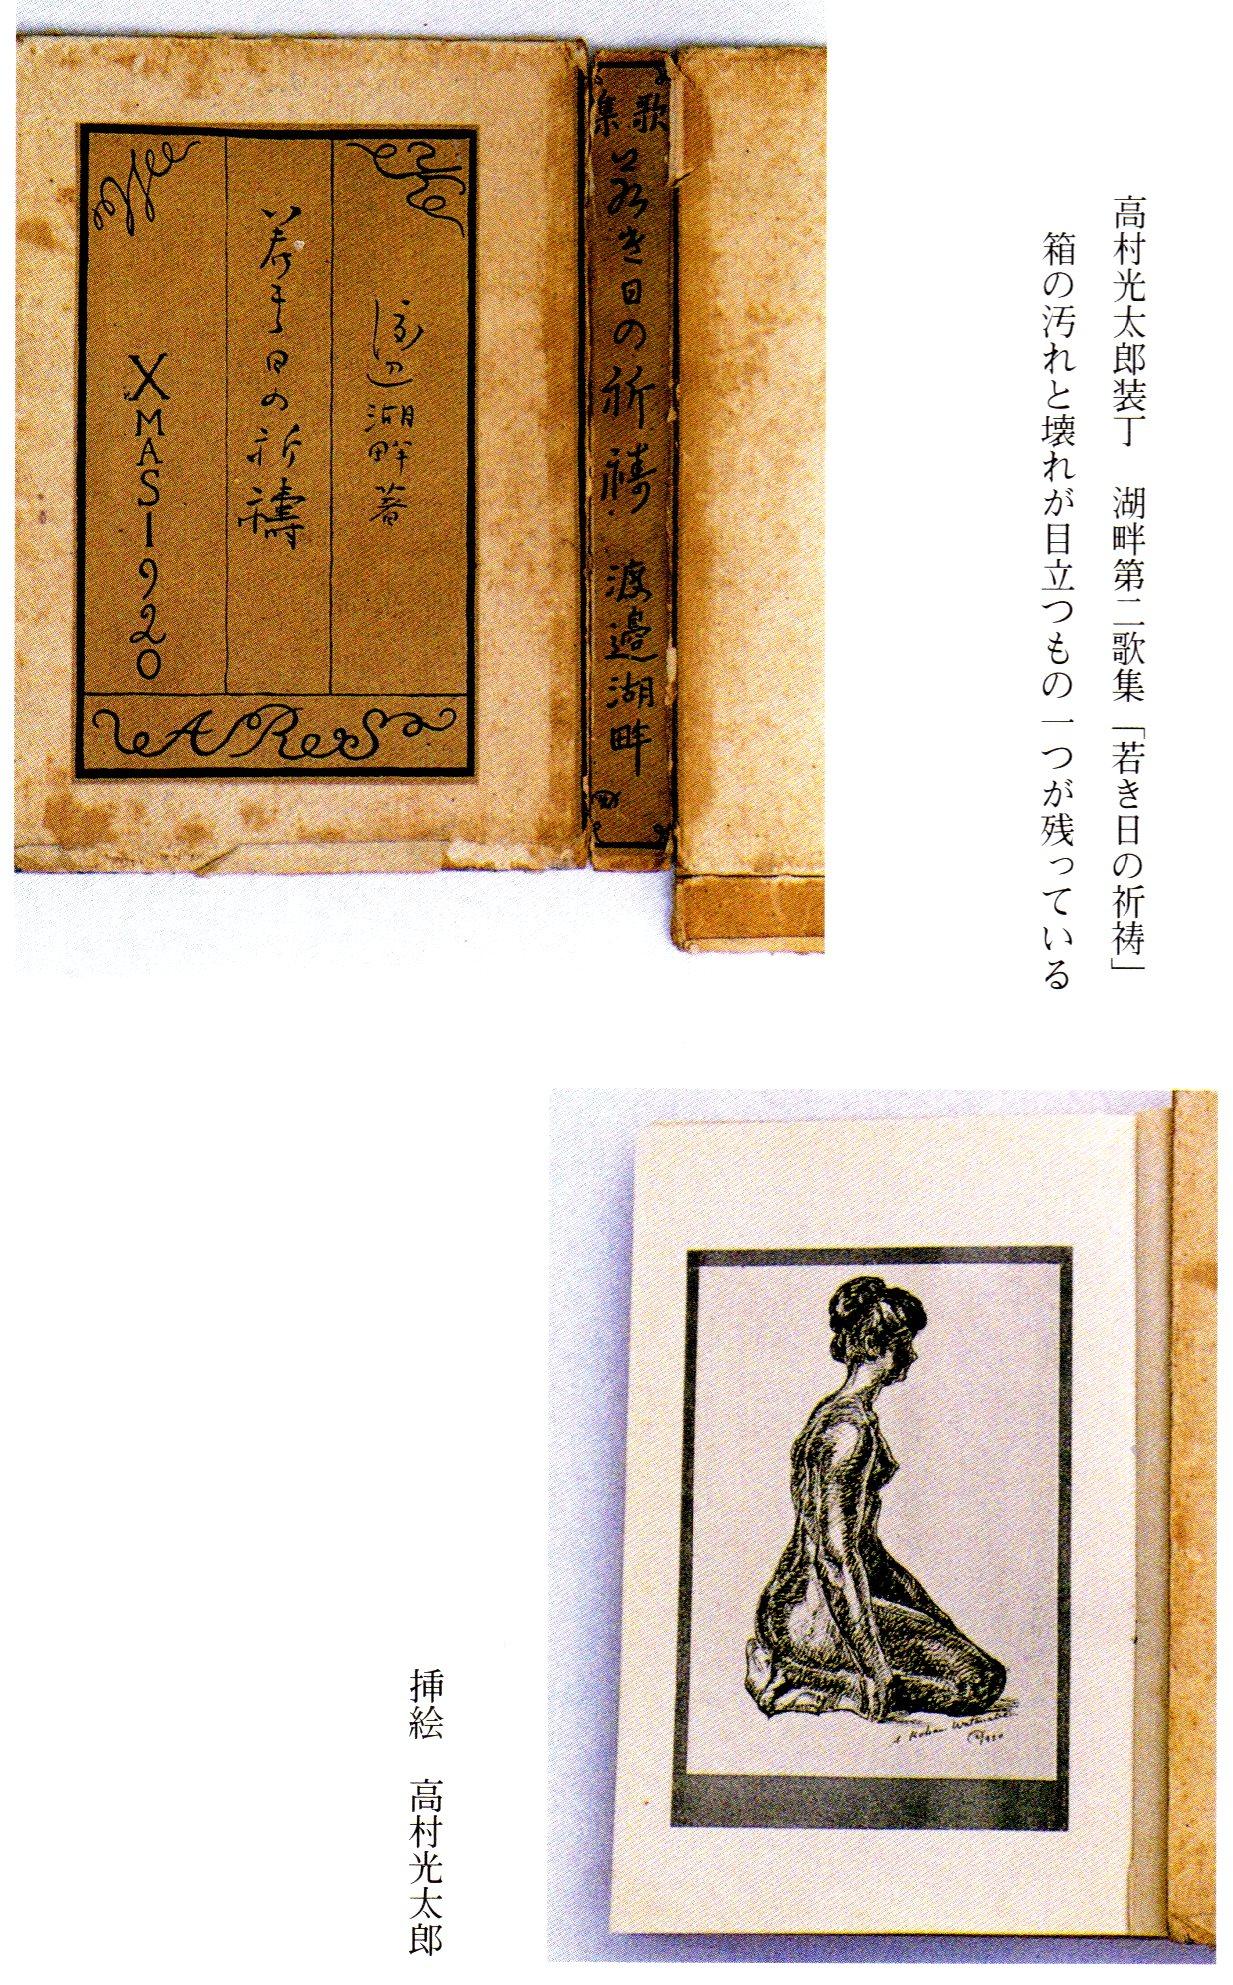 たか高村光太郎 (2)